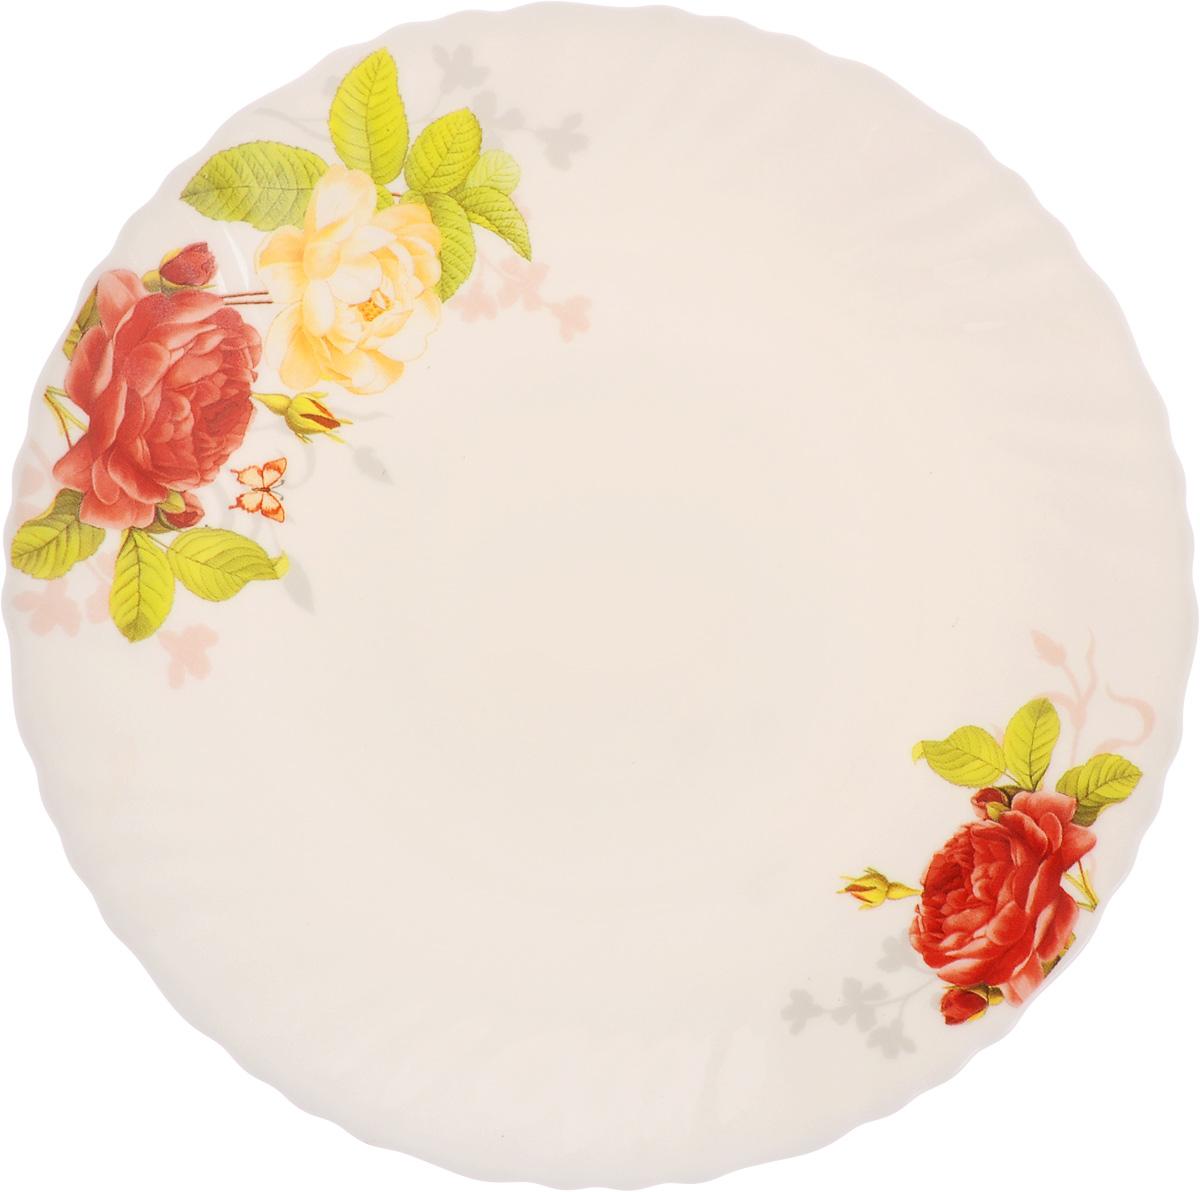 Тарелка десертная Chinbull Рона, диаметр 19 смOLHP-75/315Десертная тарелка Chinbull Рона изготовлена из экологически чистой стеклокерамики и имеет изысканный внешний вид. Такая тарелка прекрасно подходит как для торжественных случаев, так и для повседневного использования. Идеальна для подачи десертов, пирожных, тортов и многого другого. Она прекрасно оформит стол и станет отличным дополнением к вашей коллекции кухонной посуды. Диаметр тарелки (по верхнему краю): 19 см.